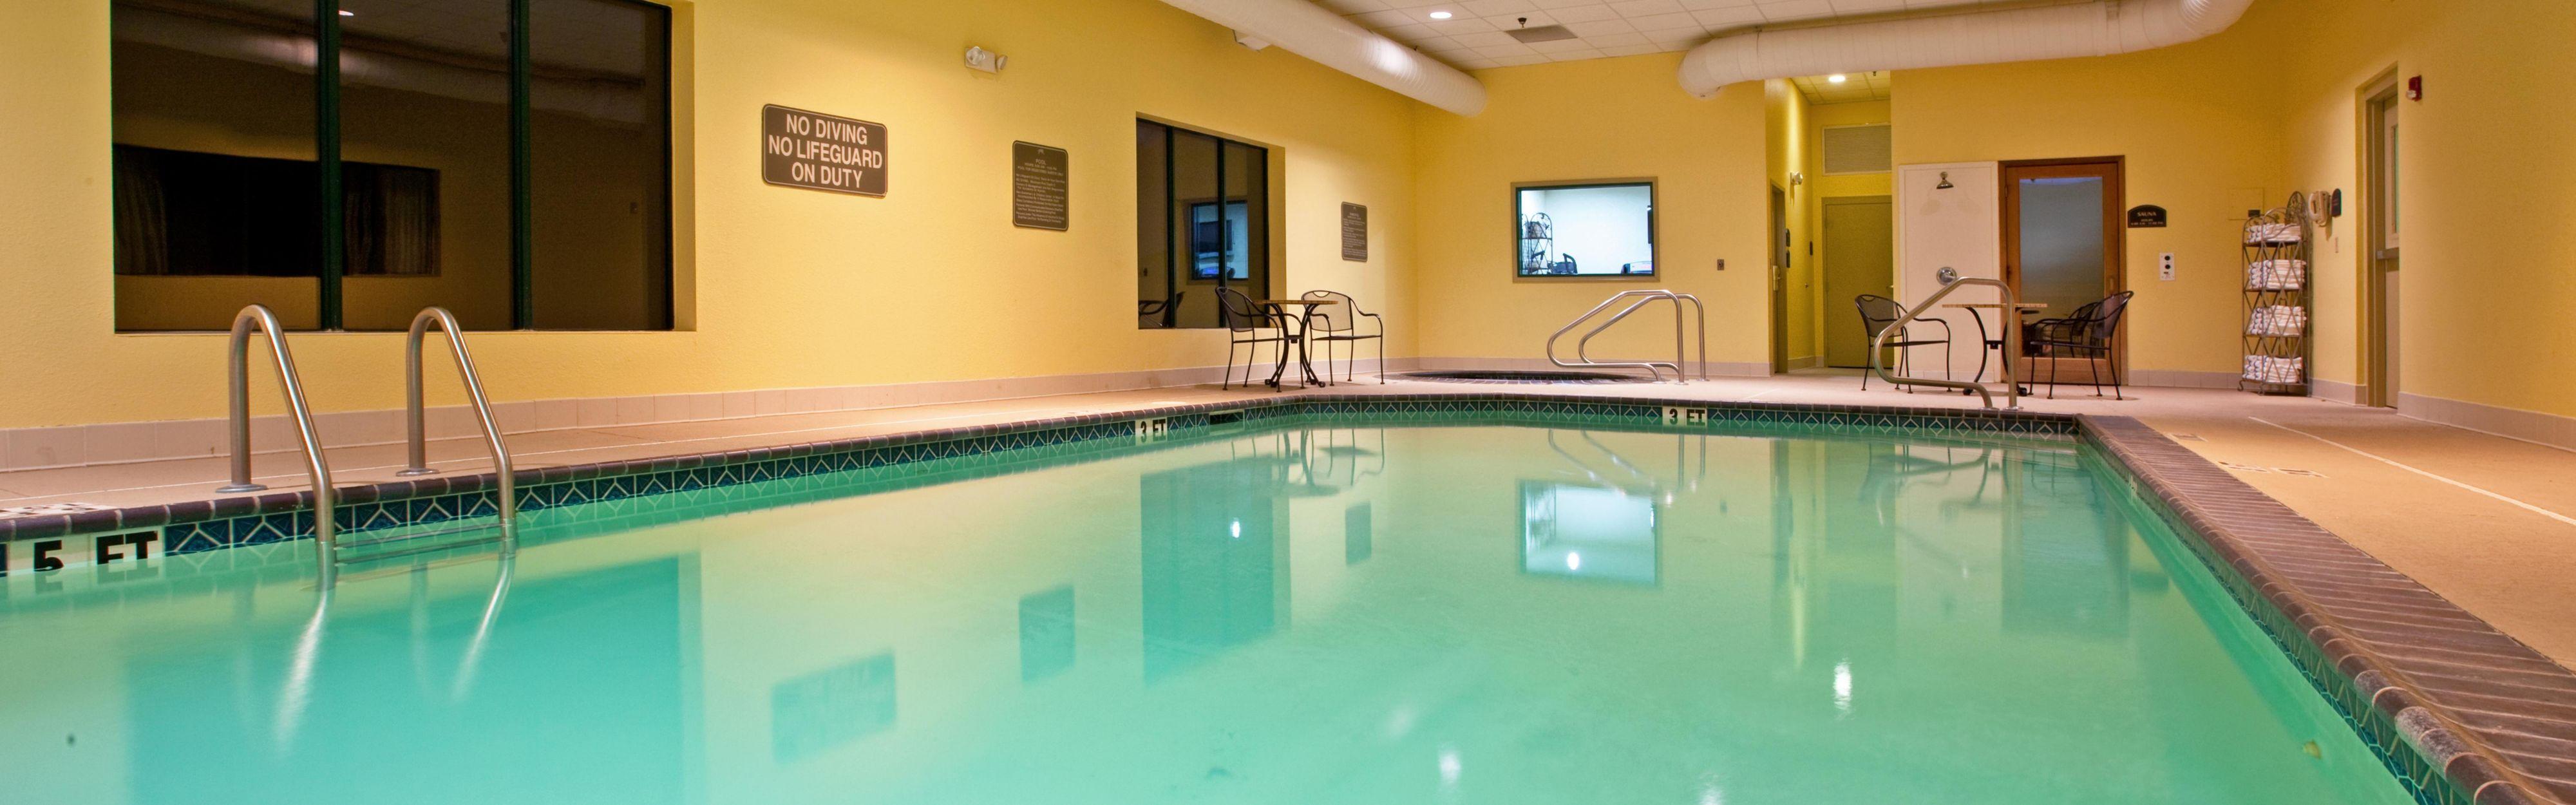 Holiday Inn Express Murray image 1